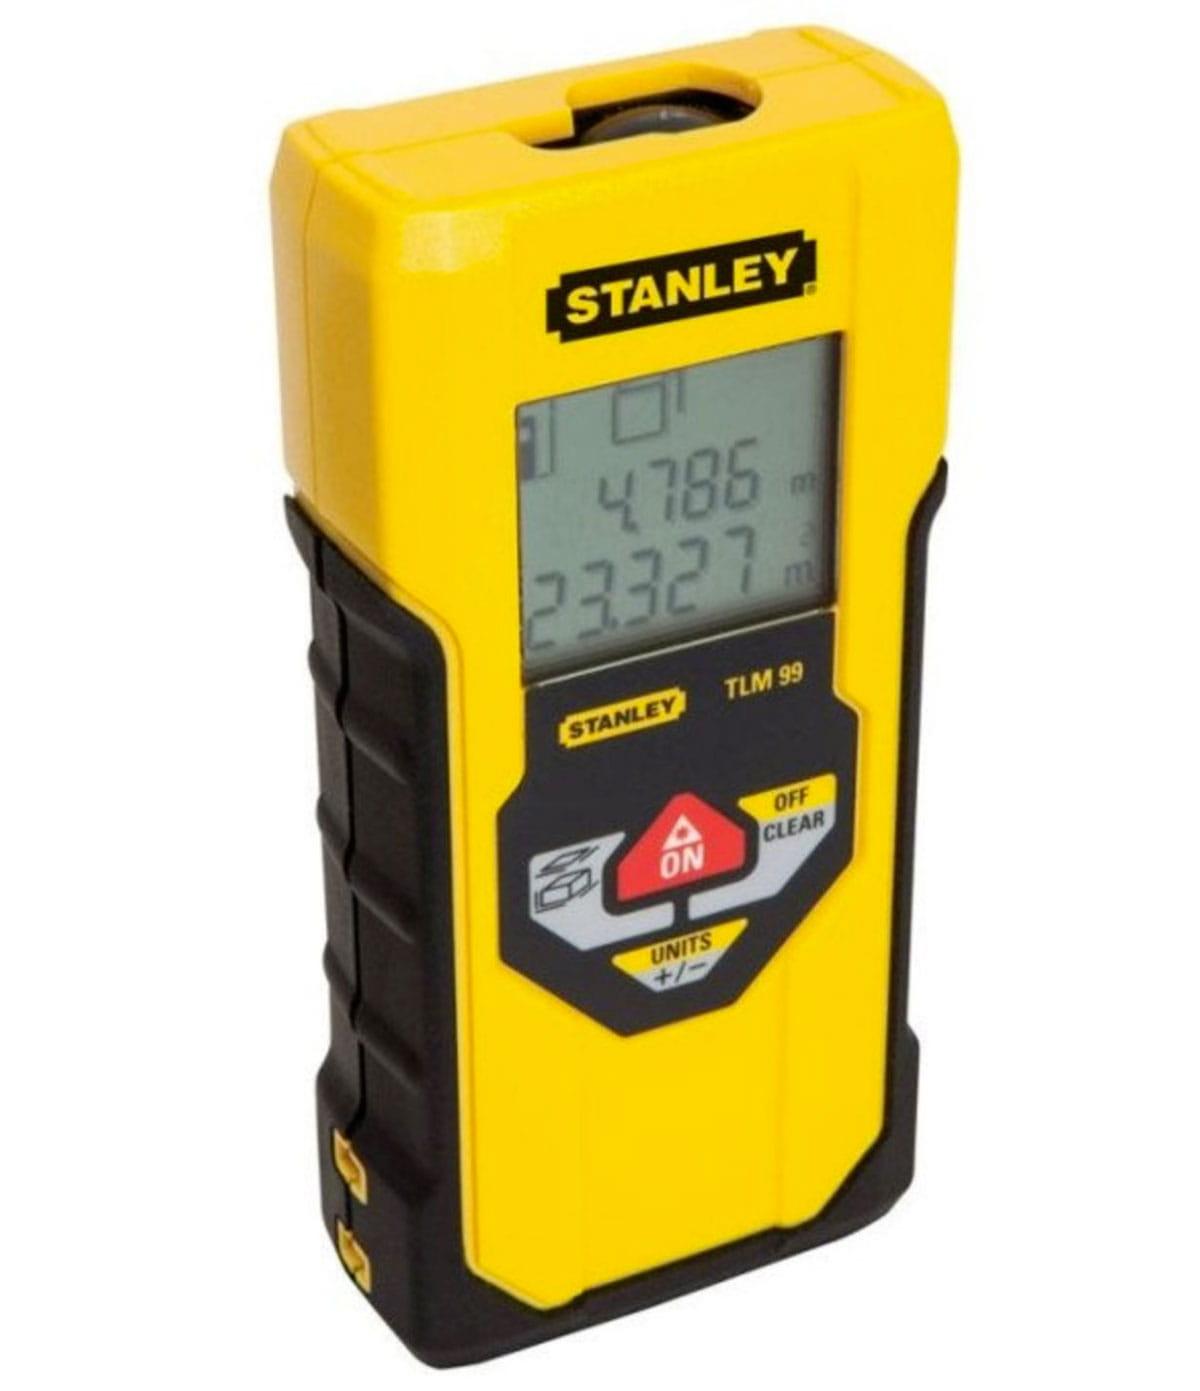 Máy đo khoảng cách tia laser 30m TLM99 Stanley STHT1- 77138 STHT1-77138 Stanley | Giá rẻ nhất - Công Ty TNHH Thương Mại Dịch Vụ Đạt Tâm